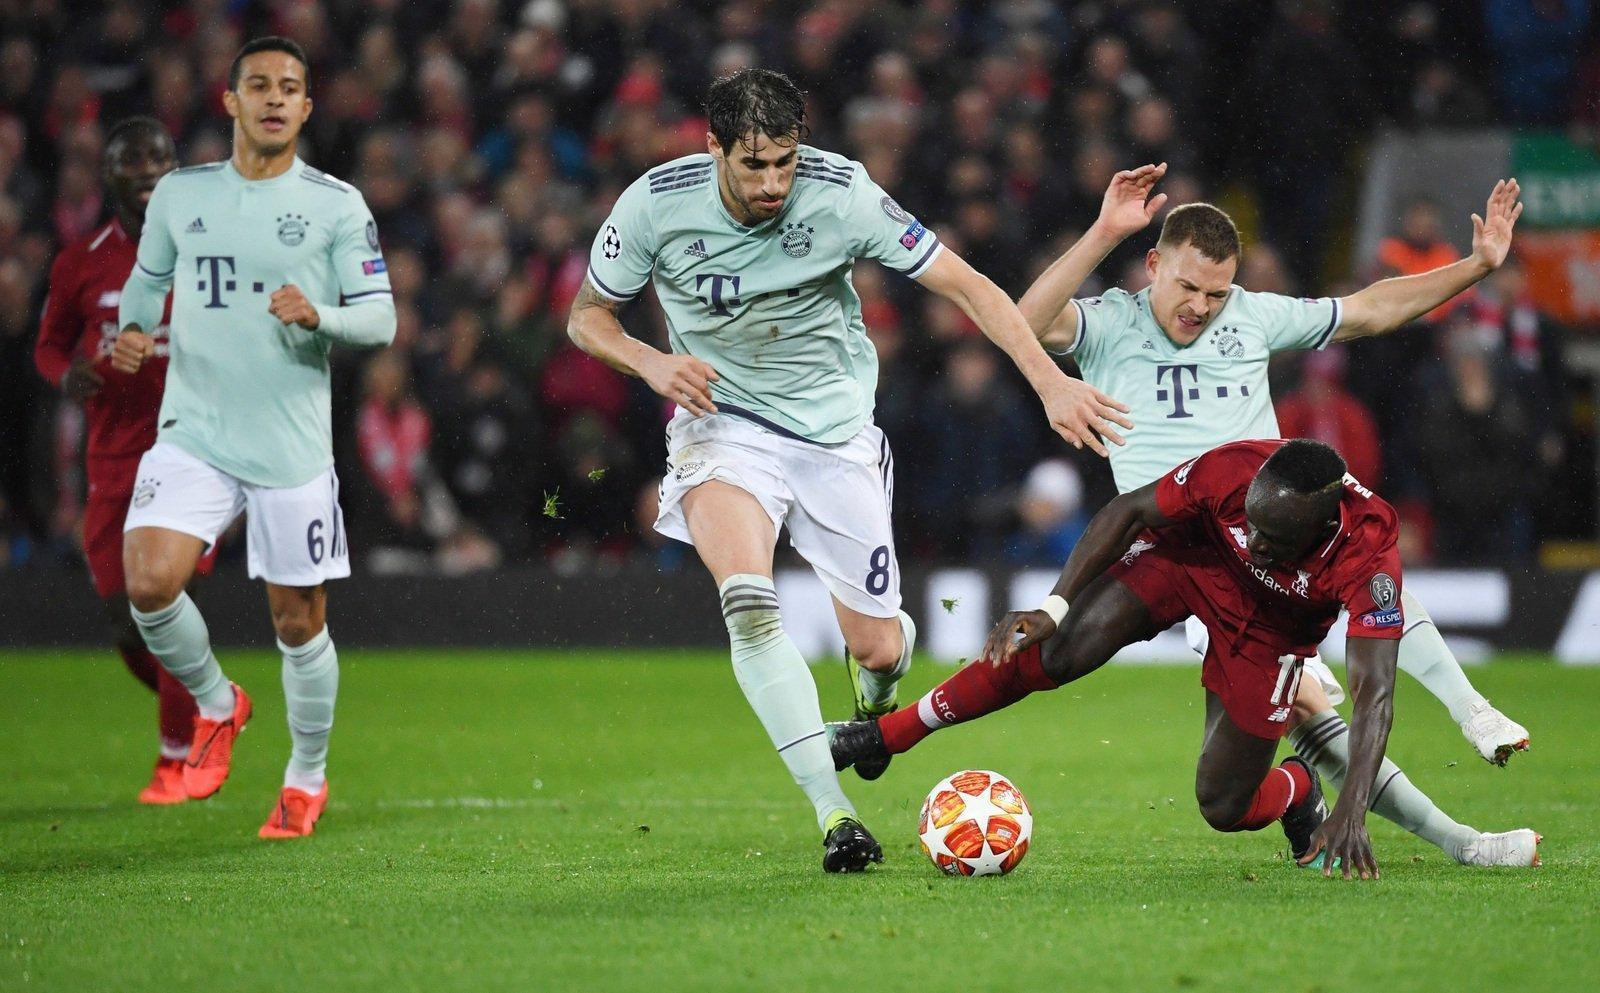 原创            够狠!一场0-0让德甲霸主遭遇危机 主场不败也可能惨遭淘汰